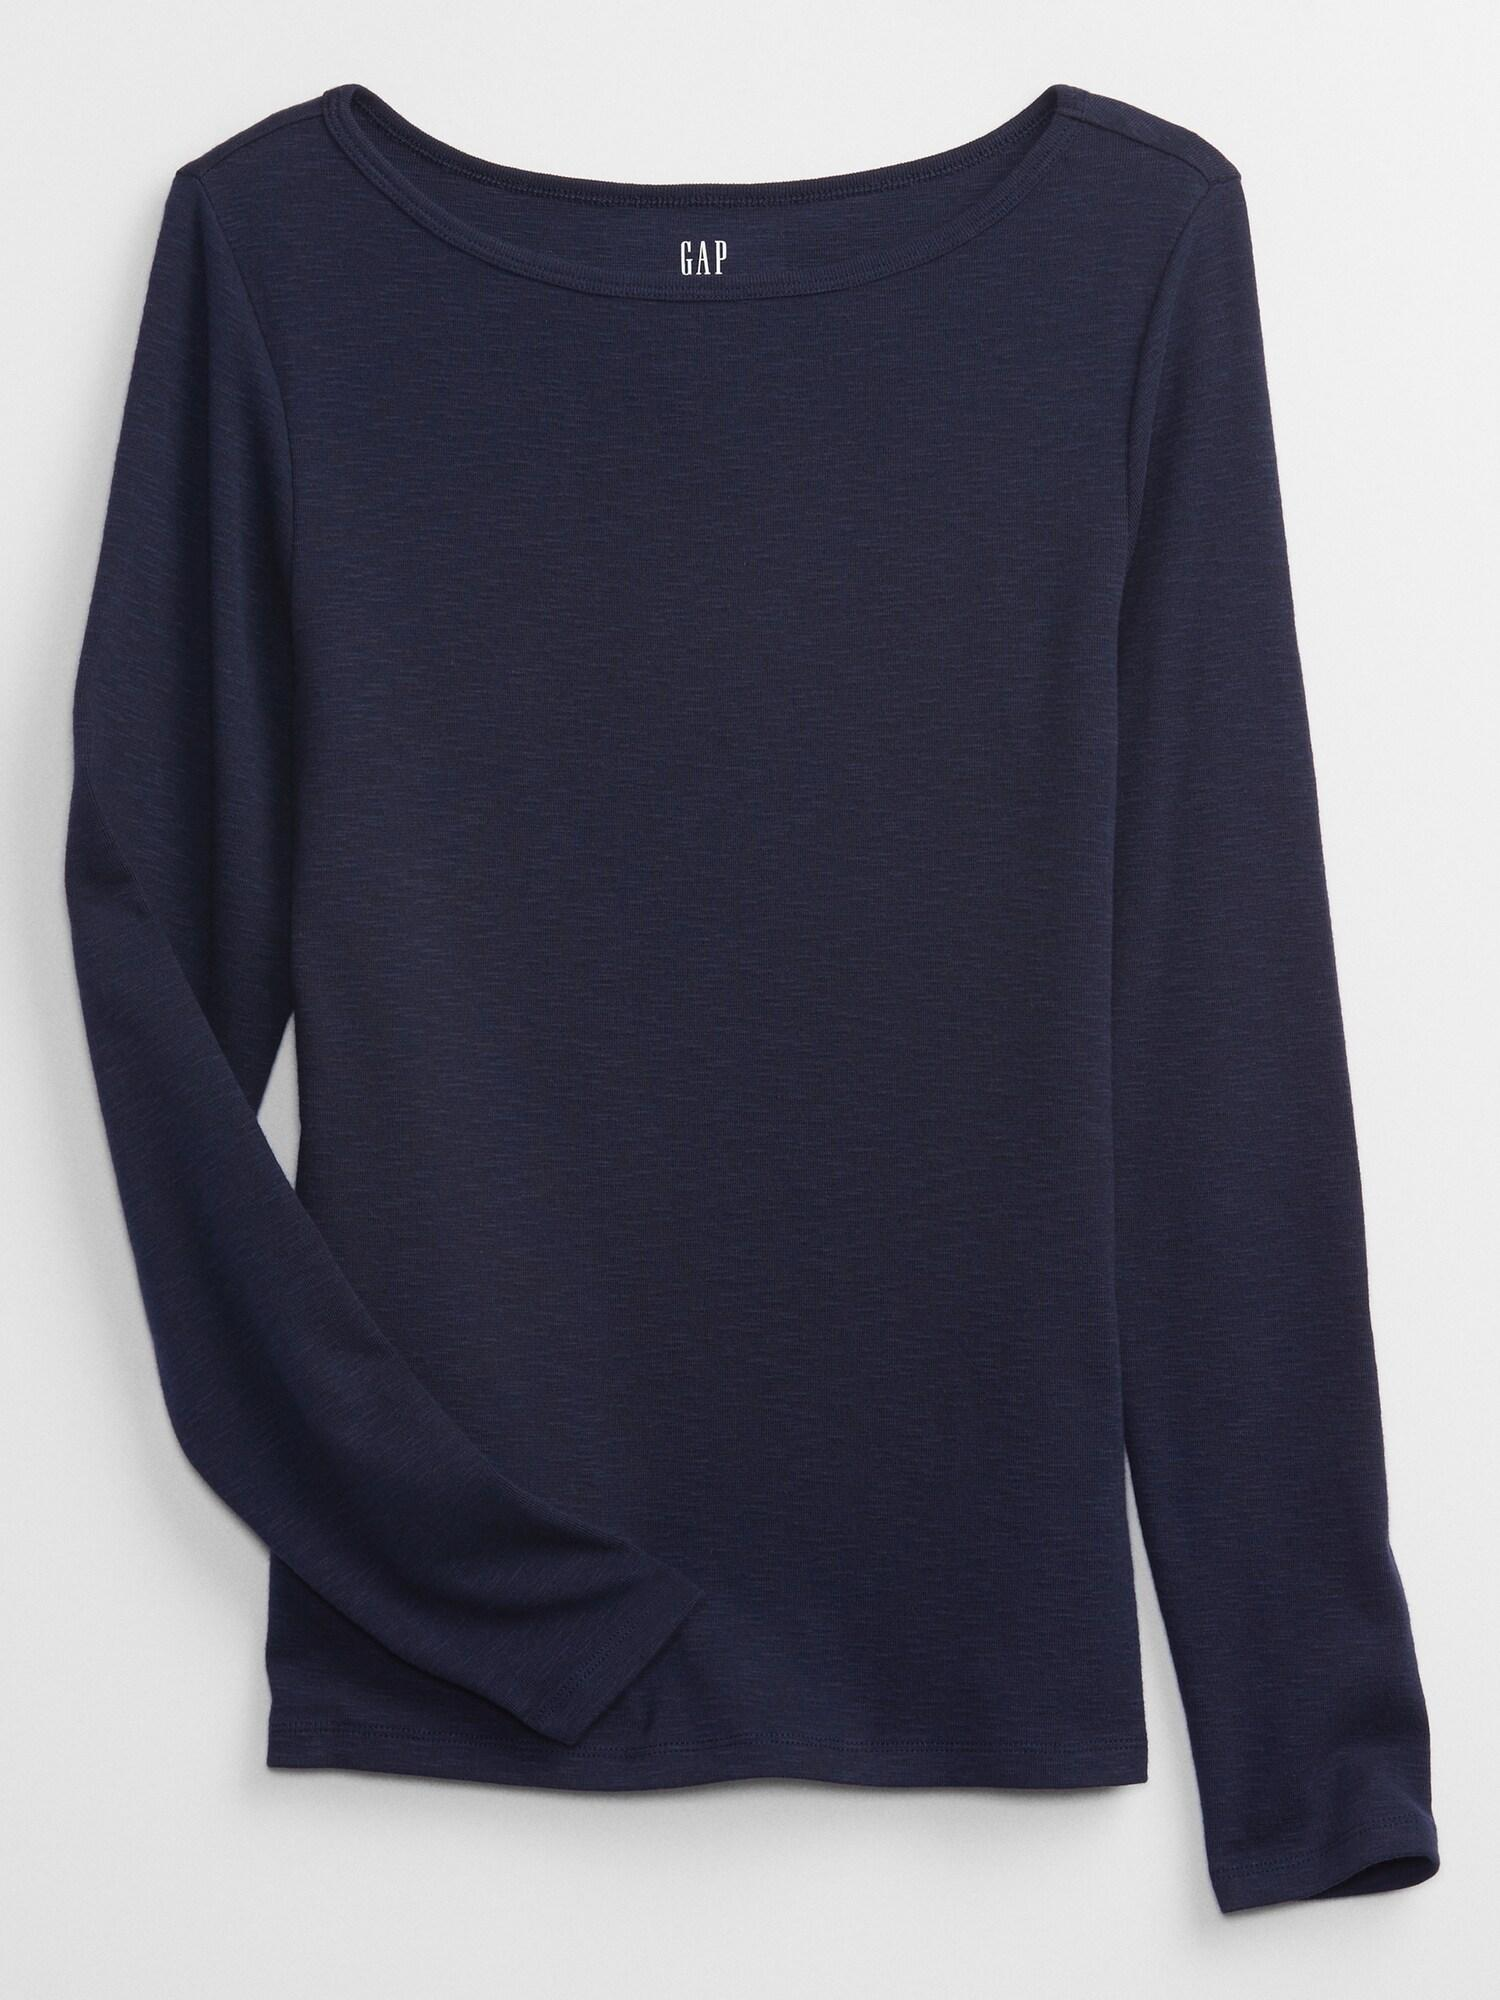 GAP Women's tops blue Basic